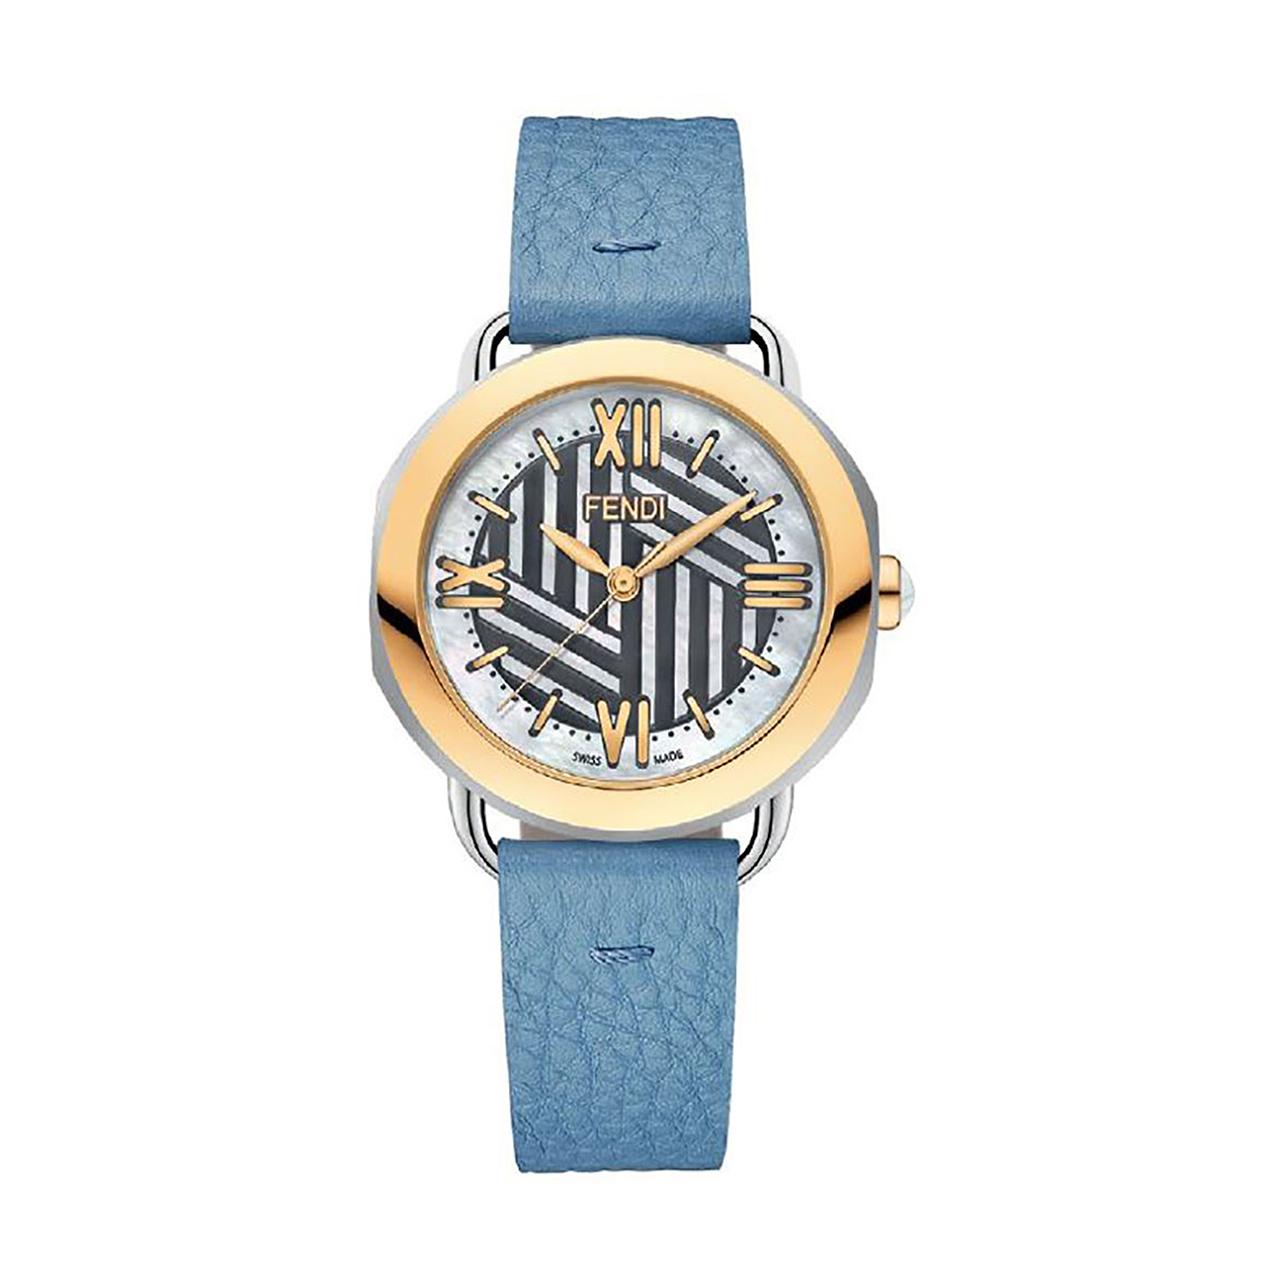 خرید ساعت مچی عقربه ای زنانه فندی مدل F8111365H0